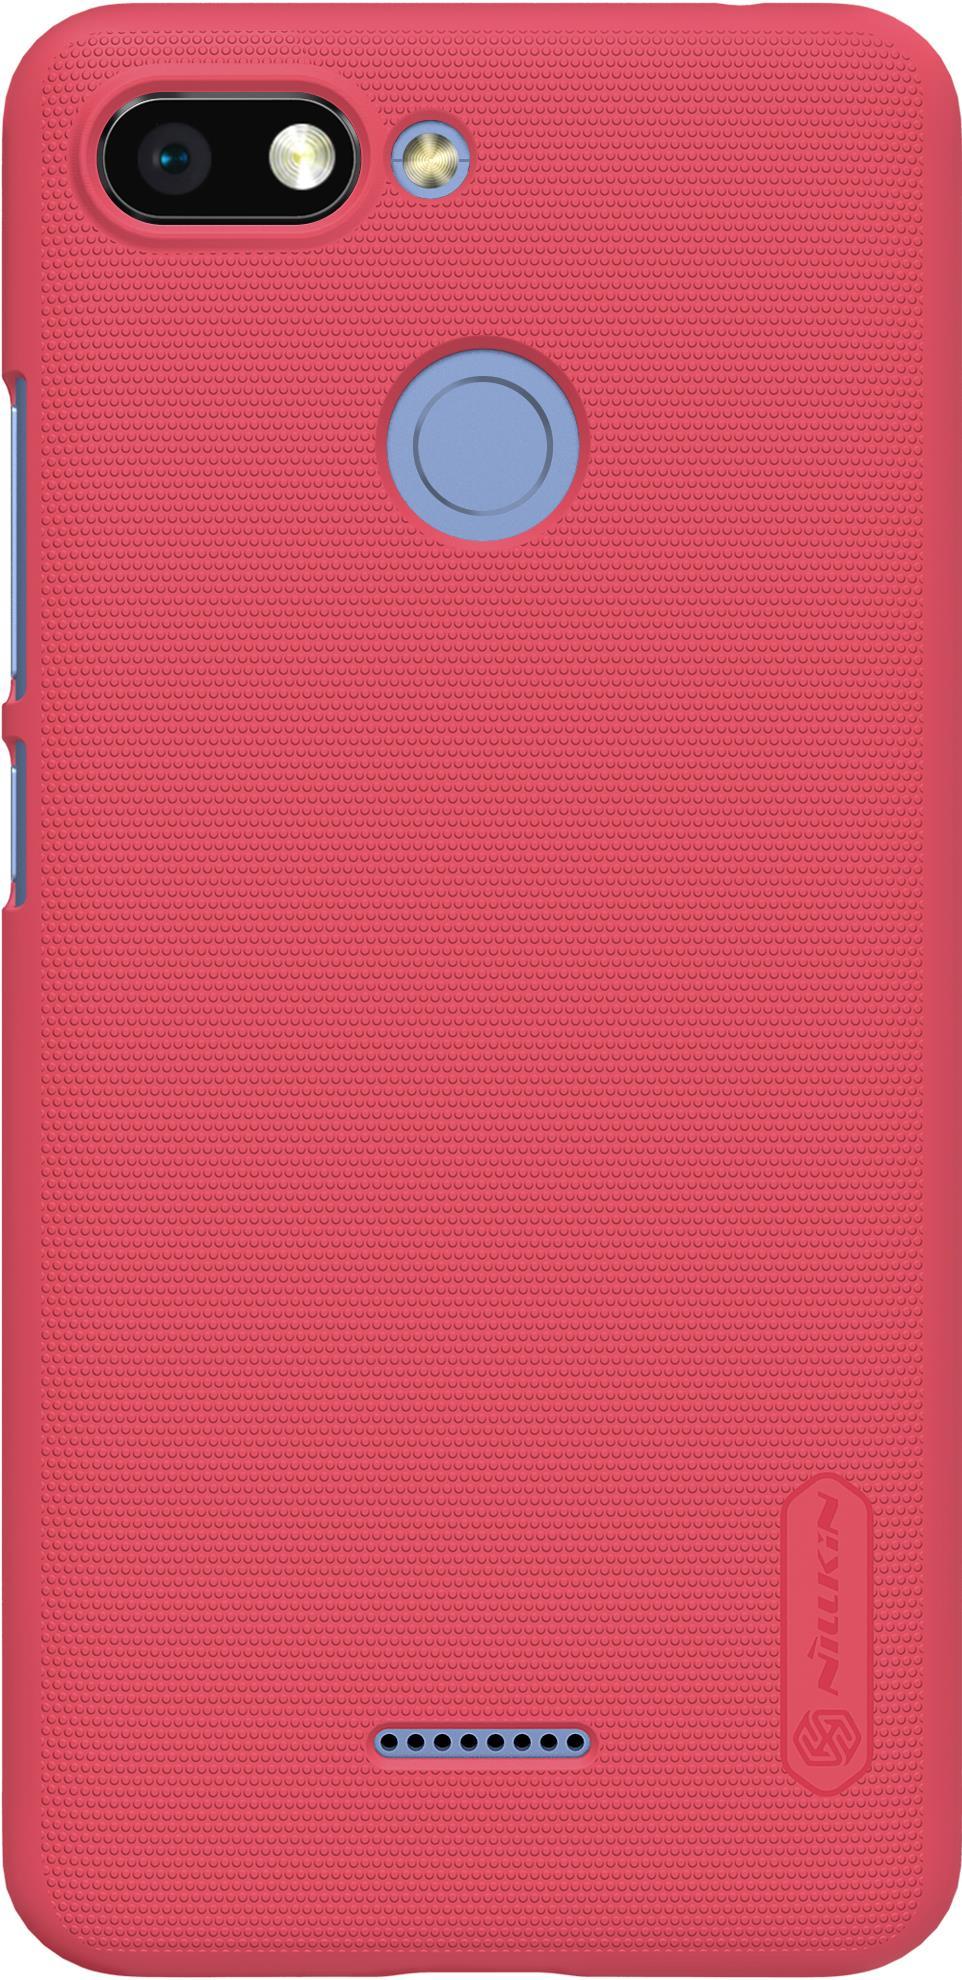 Чехол для сотового телефона Nillkin Super Frosted, 6902048160491, красный